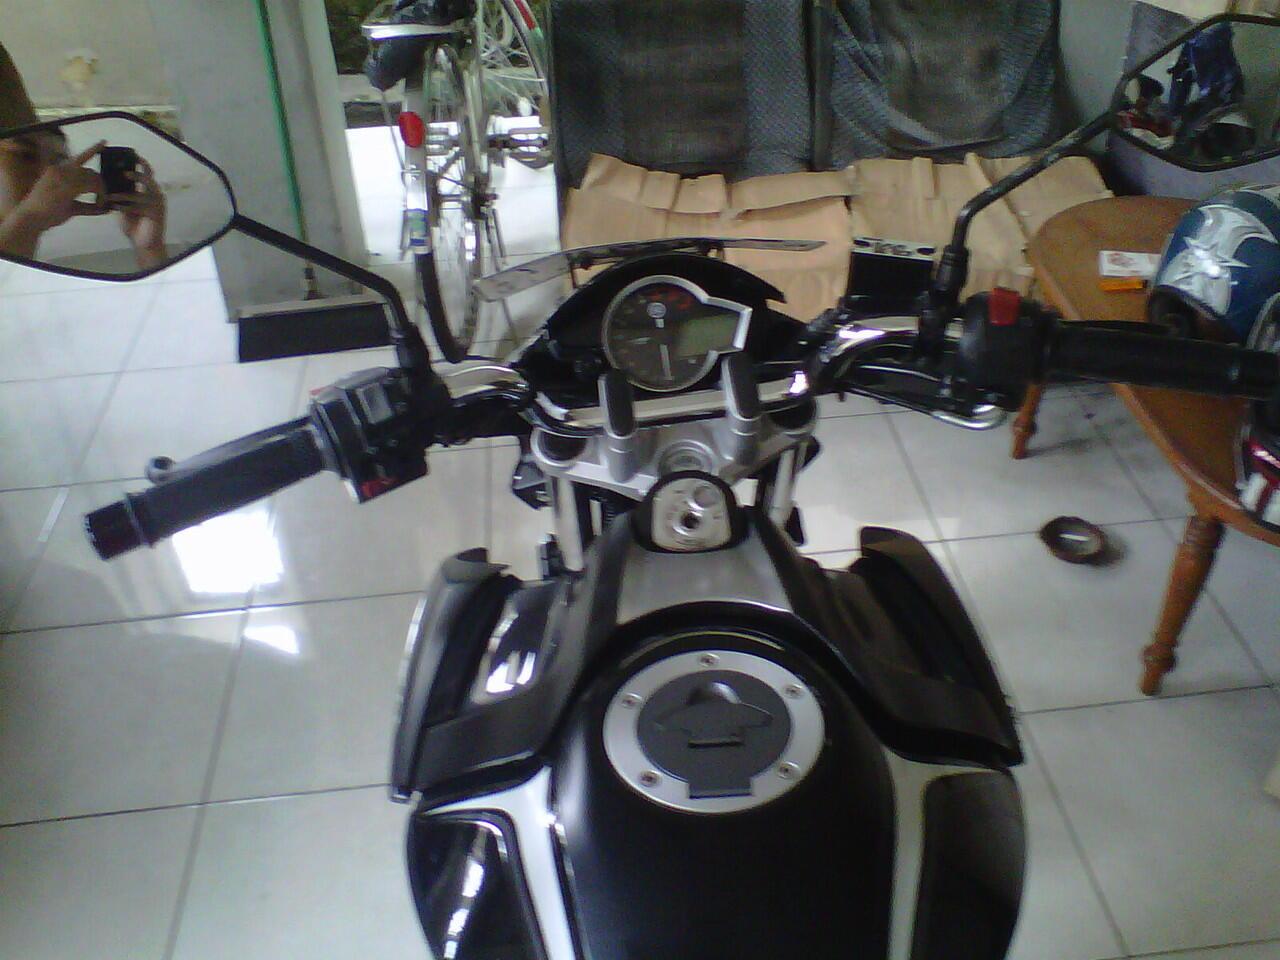 Vixion Lightning 2013 warna hitam plat L, Atas nama sendiri, Surabaya